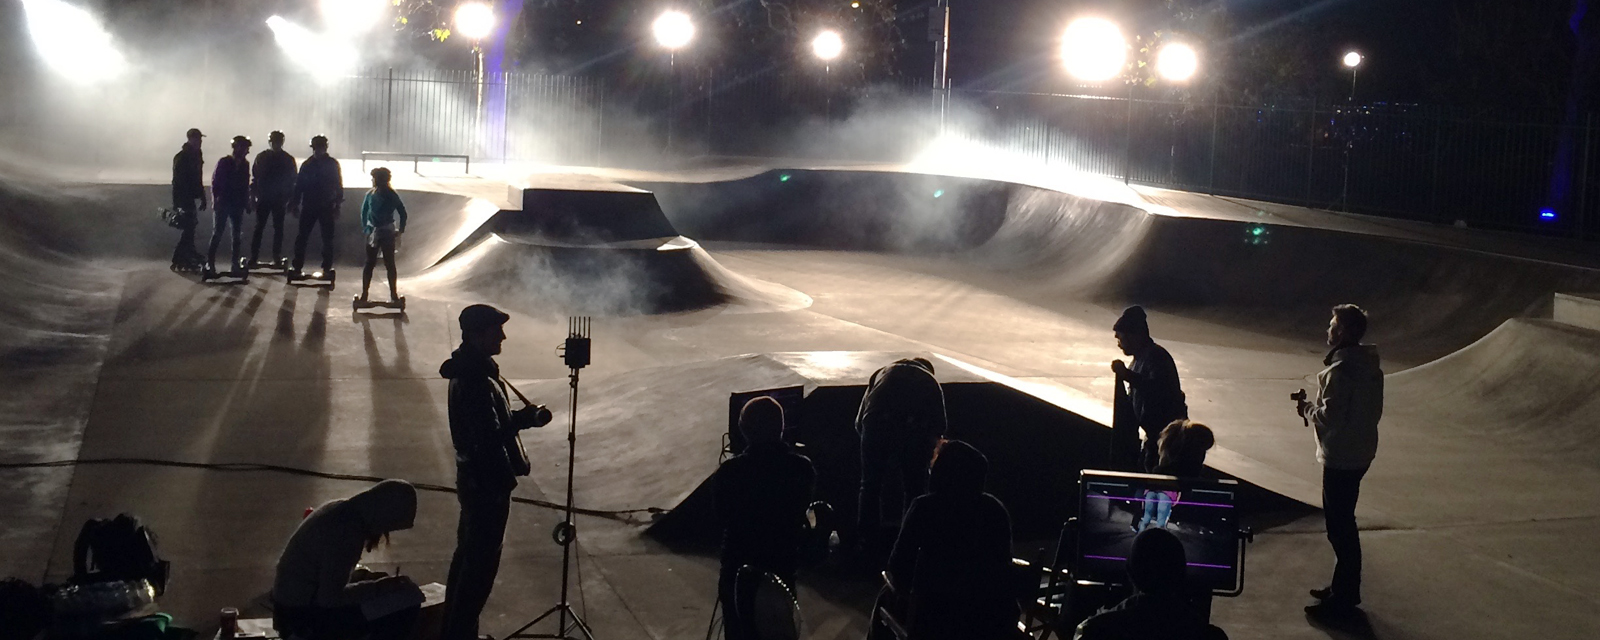 Razor Scooter Commercial, burbank skatepark, arri 4k, tungsten lighting